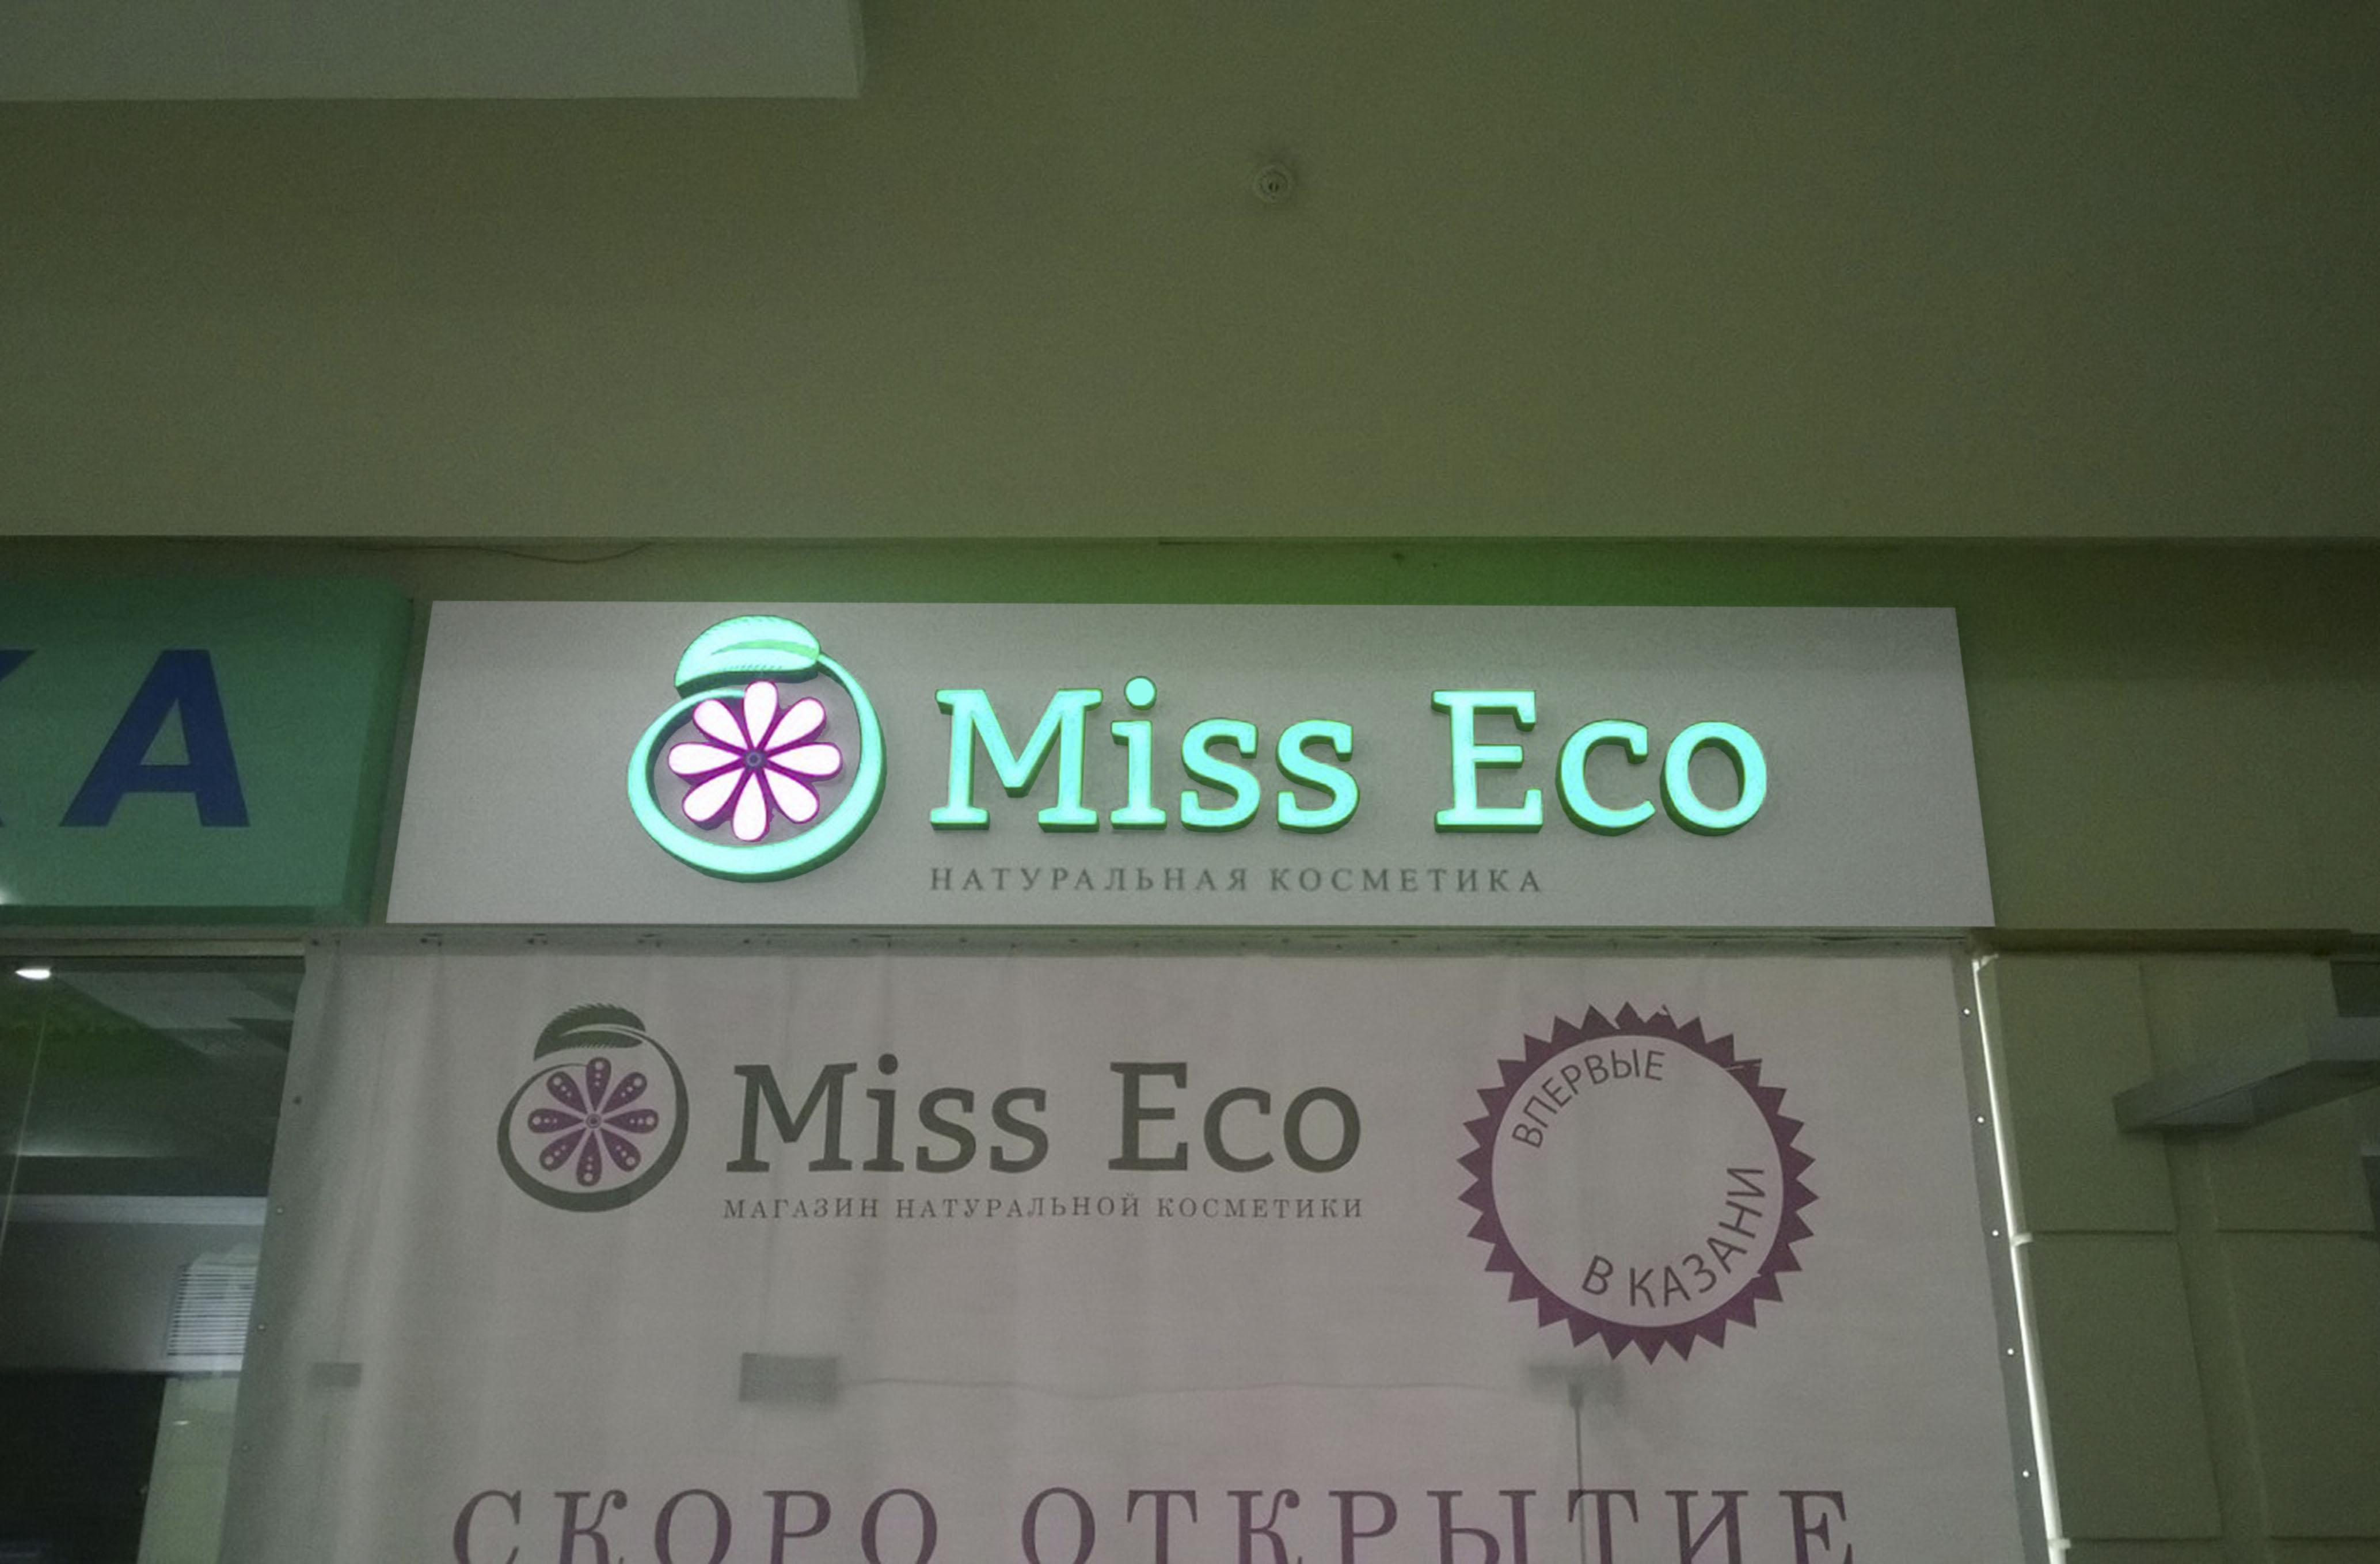 «Miss Eco» В ТРЦ «ПАРК ХАУС»